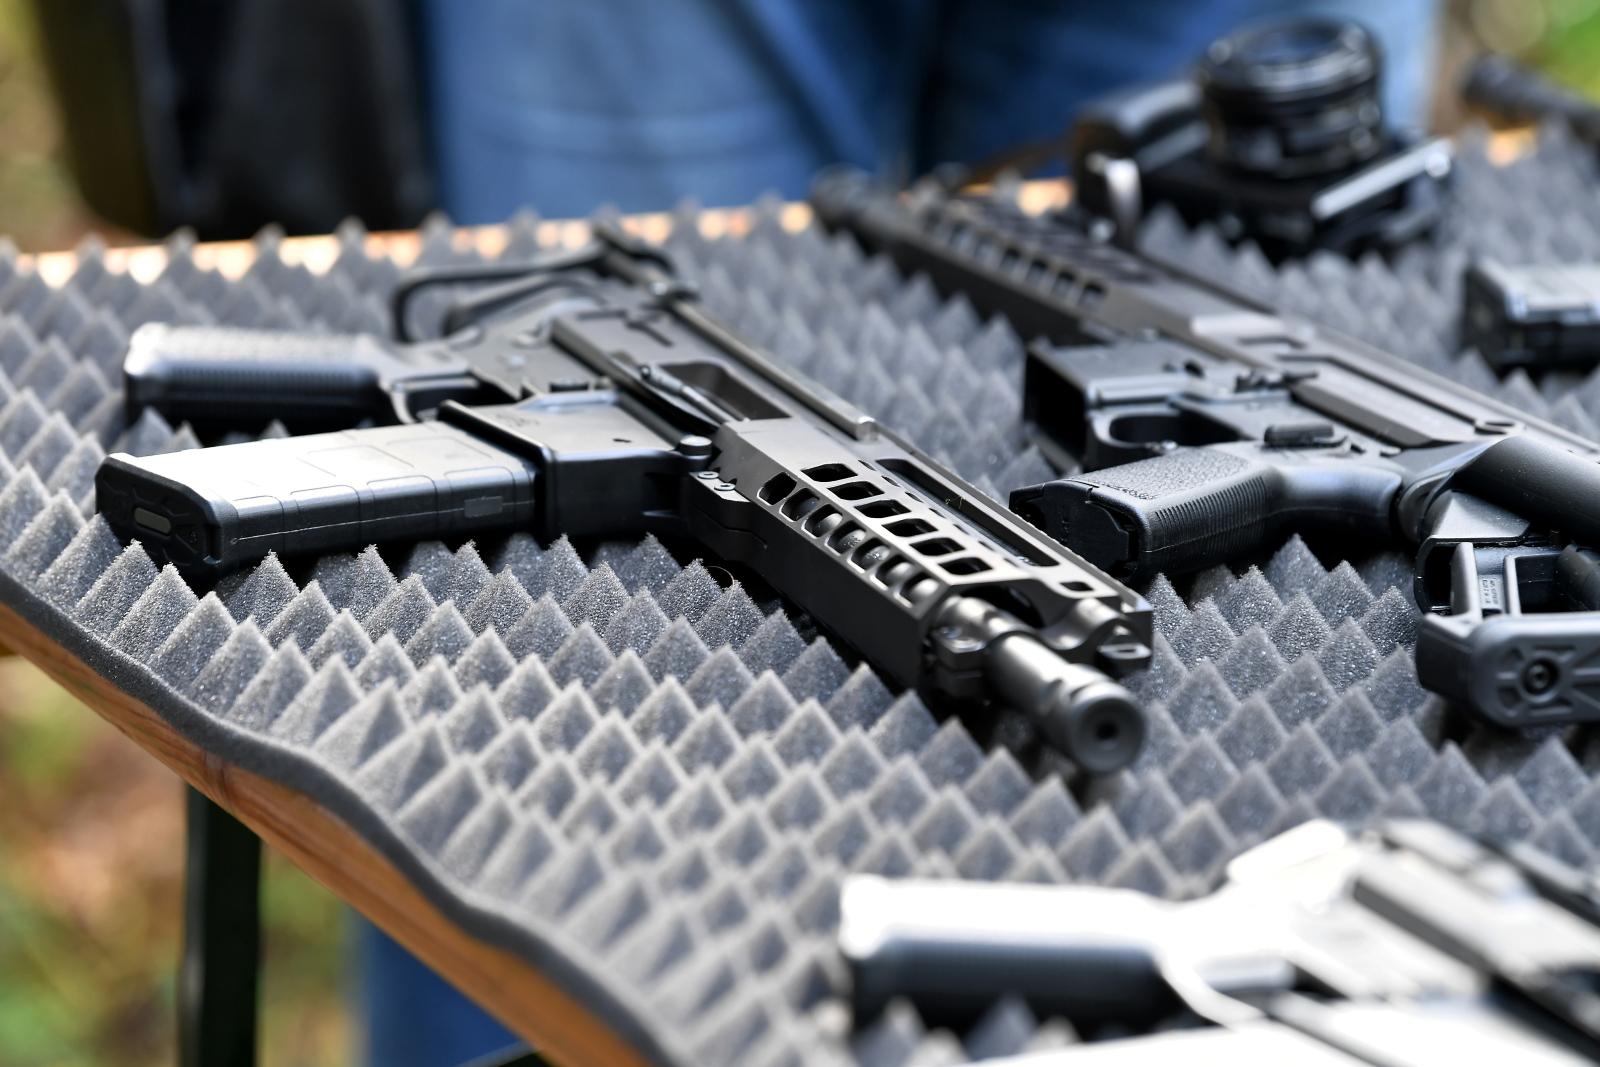 Masa broni wynosi niespełna 3 kg. Podzespoły zostały wykonane z wysokiej jakości stopów aluminium, stali, a także tytanu Fot PAP/Piotr Polak